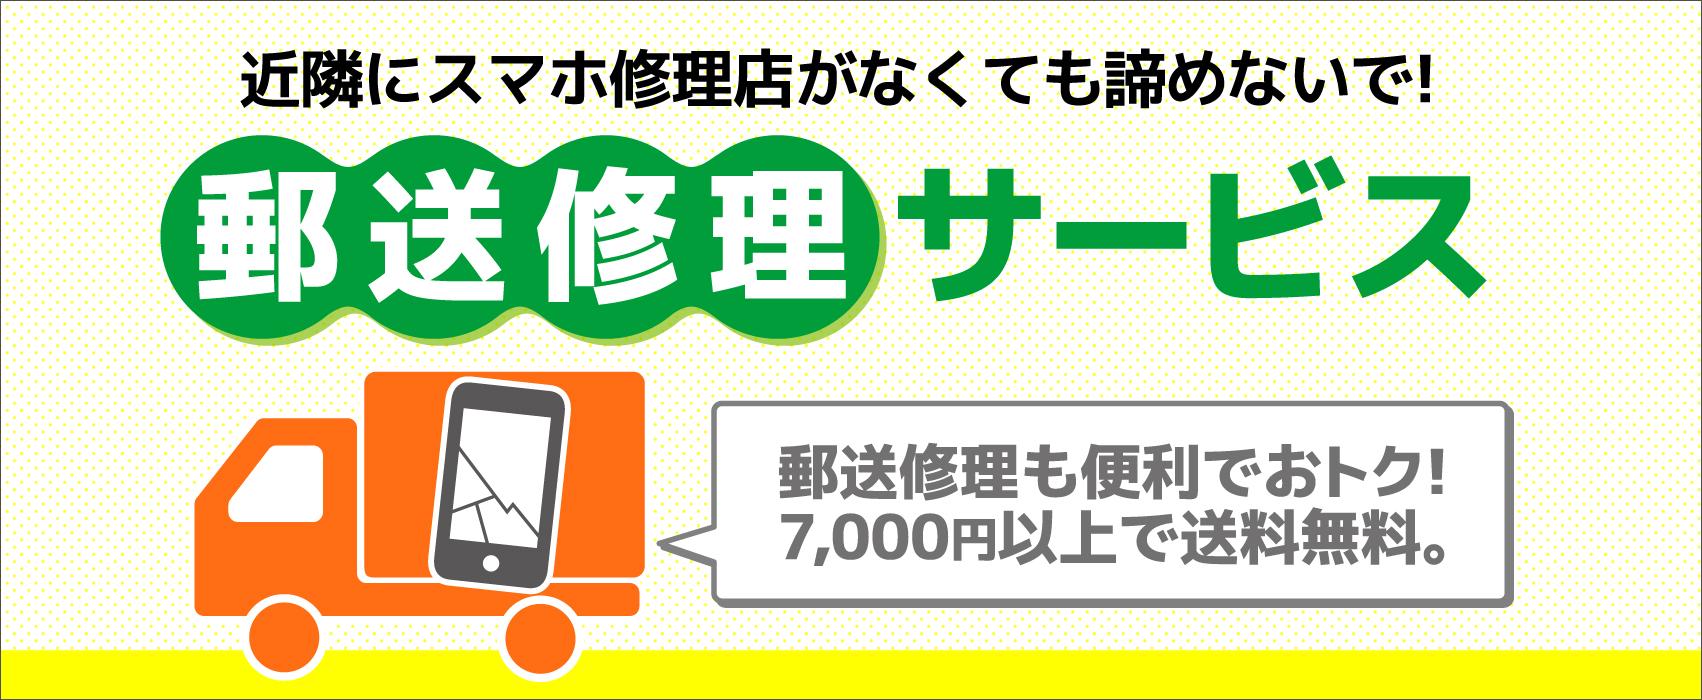 yusou_image_alt